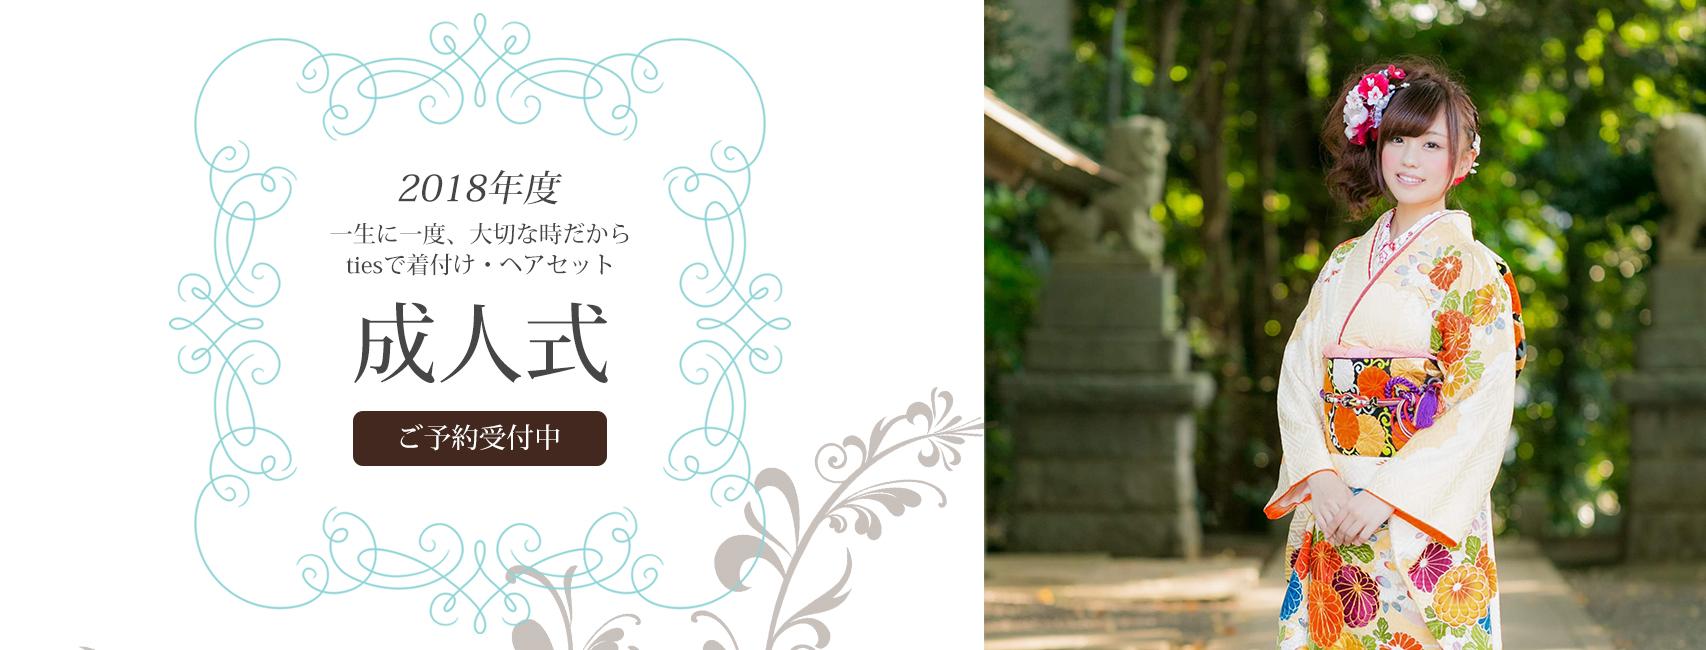 キッズルーム | 美容室タイズ(ties life design) – なかもず・堺市北区長曽根町